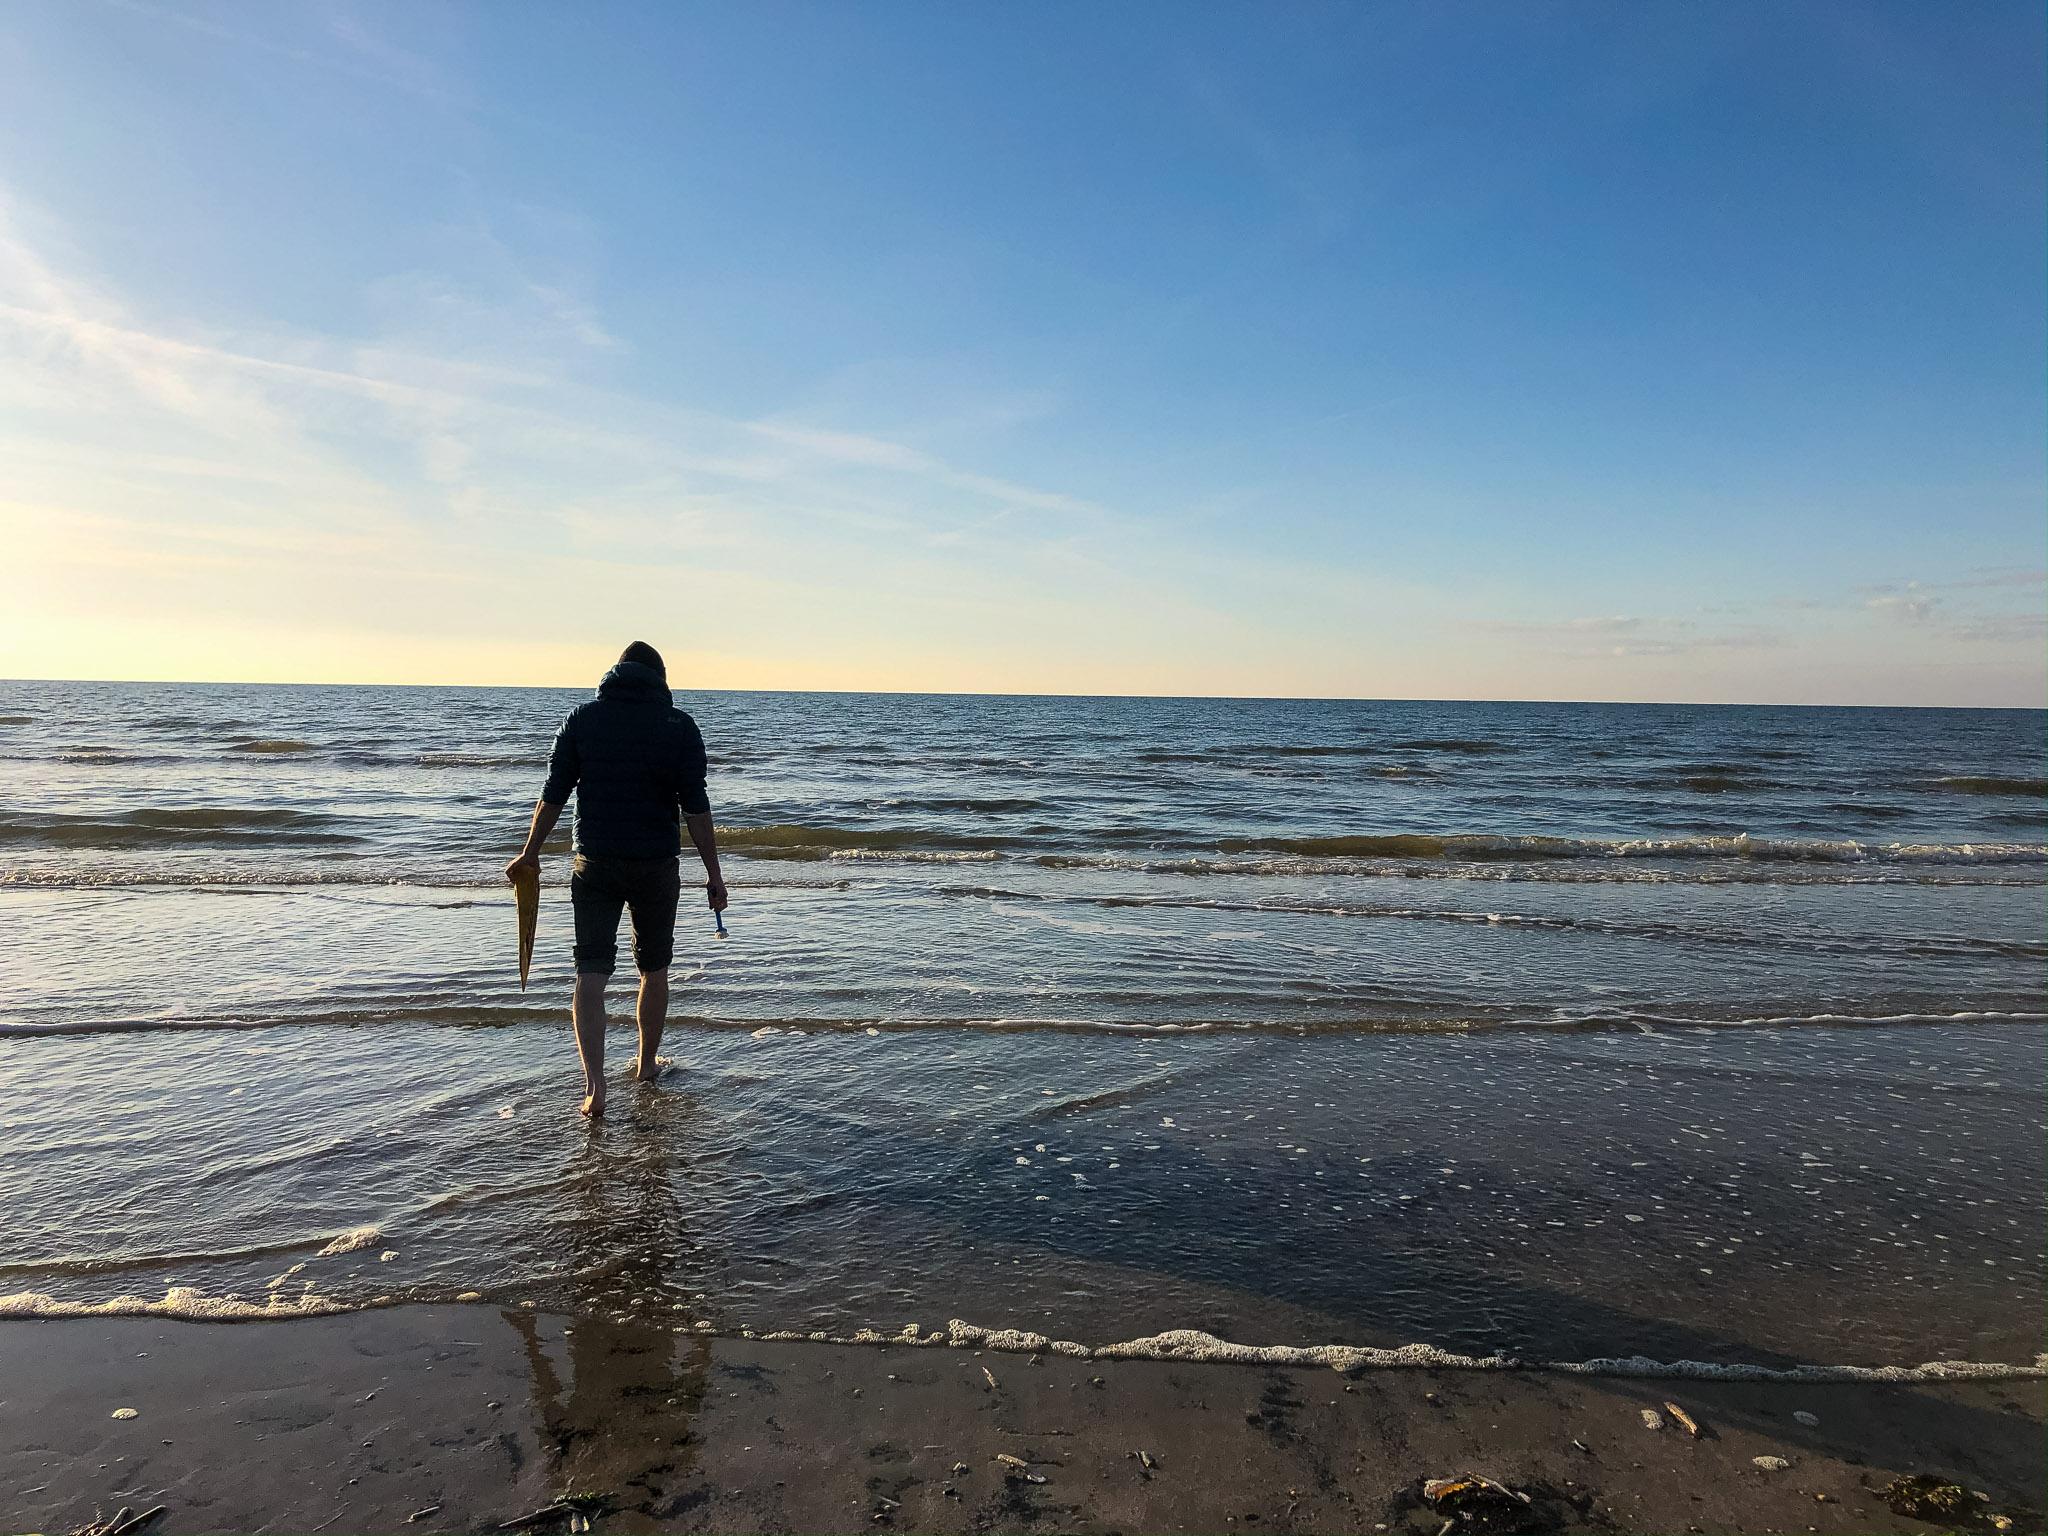 Keil-Wäsche im Meer